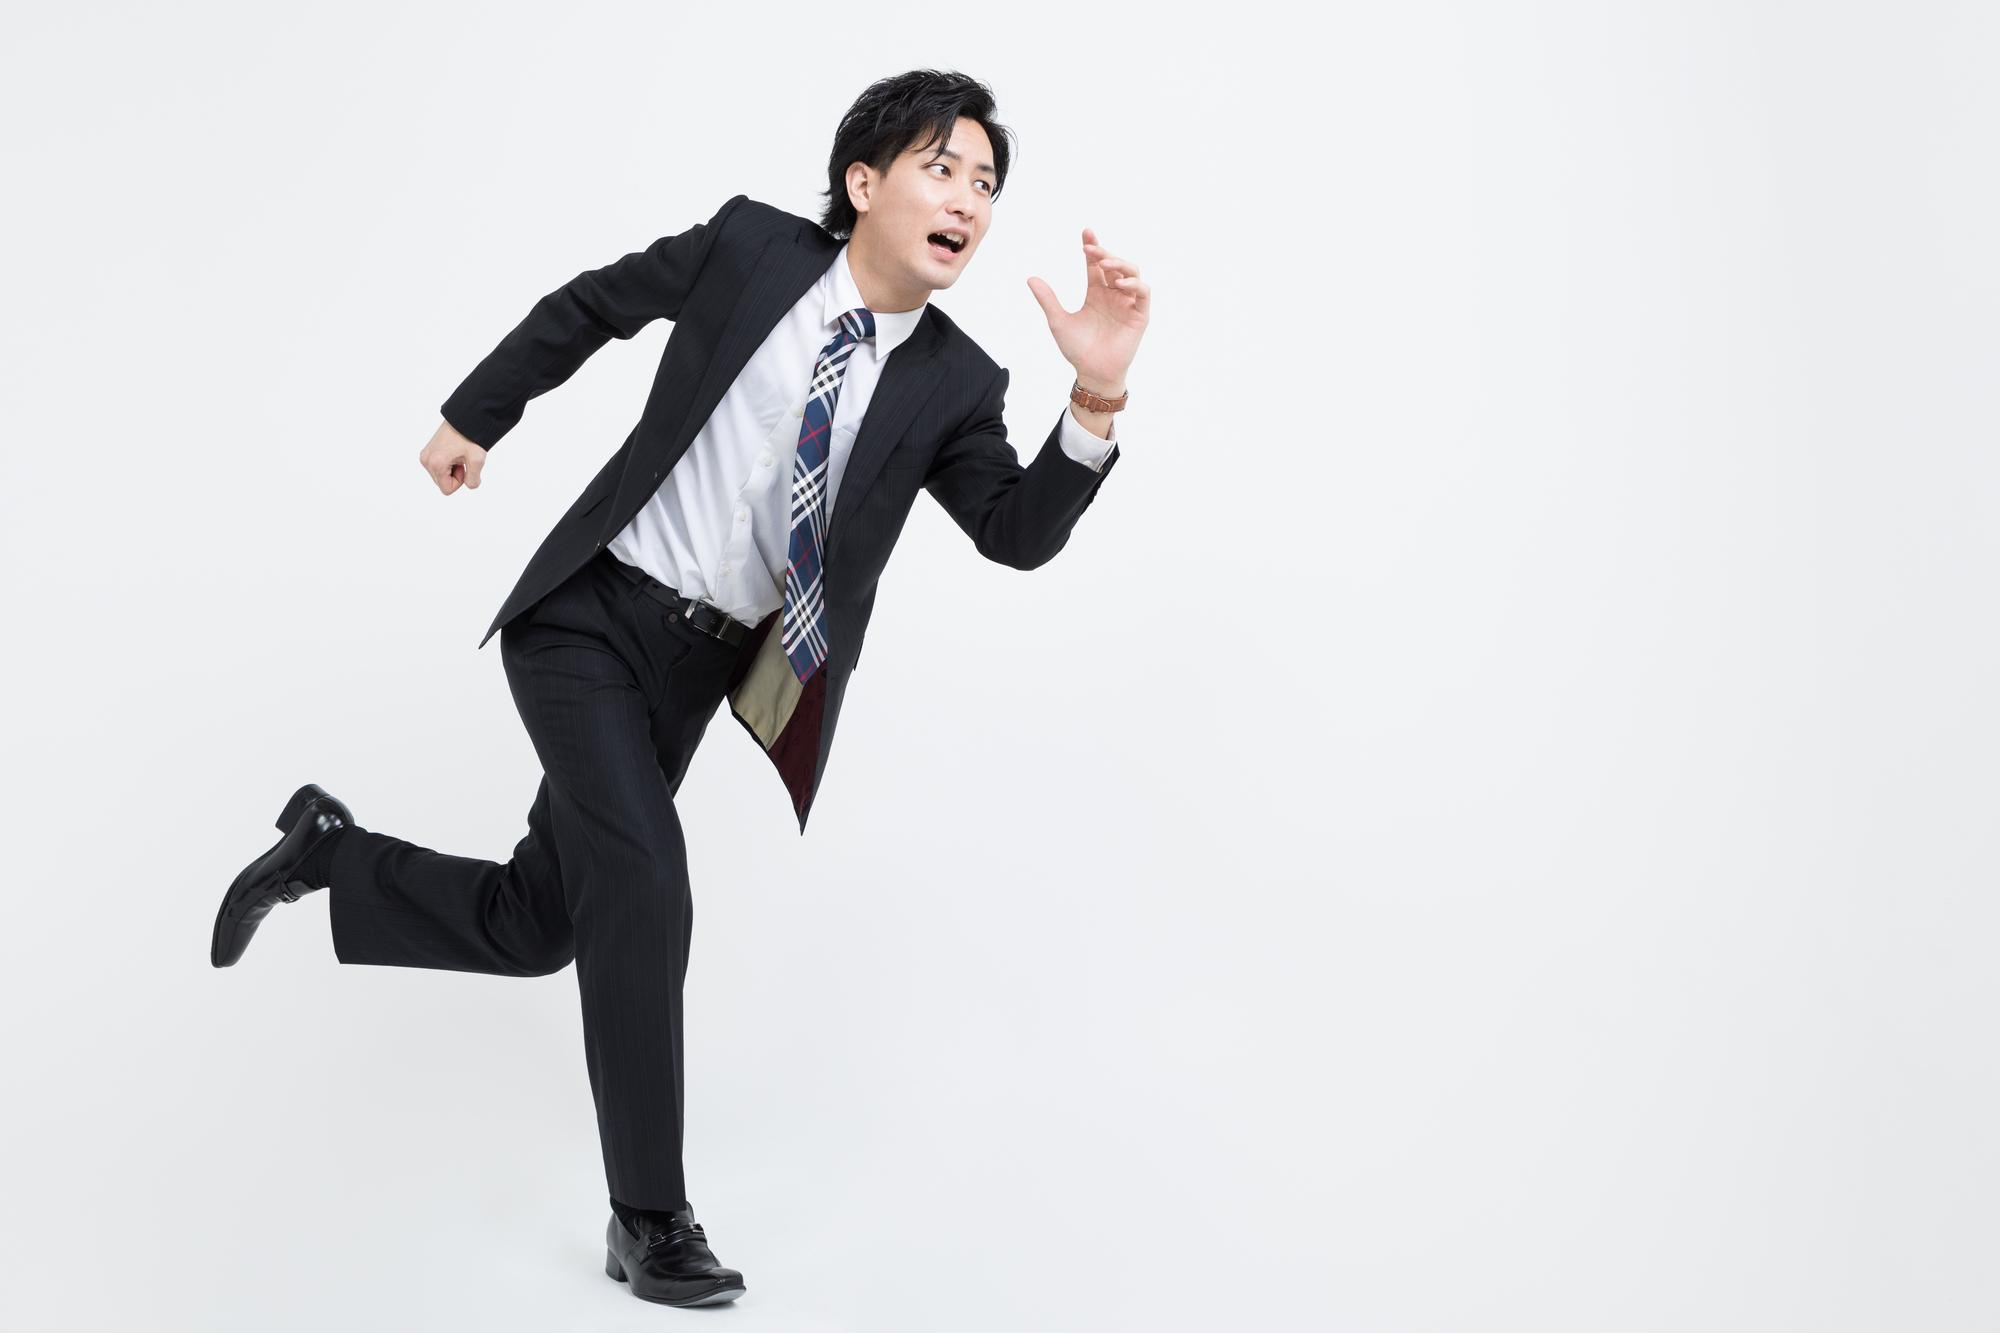 https://cdn.mamari.jp/authorized/5a34f7a1-bc6c-46ad-b6f5-0019ac120002.jpg